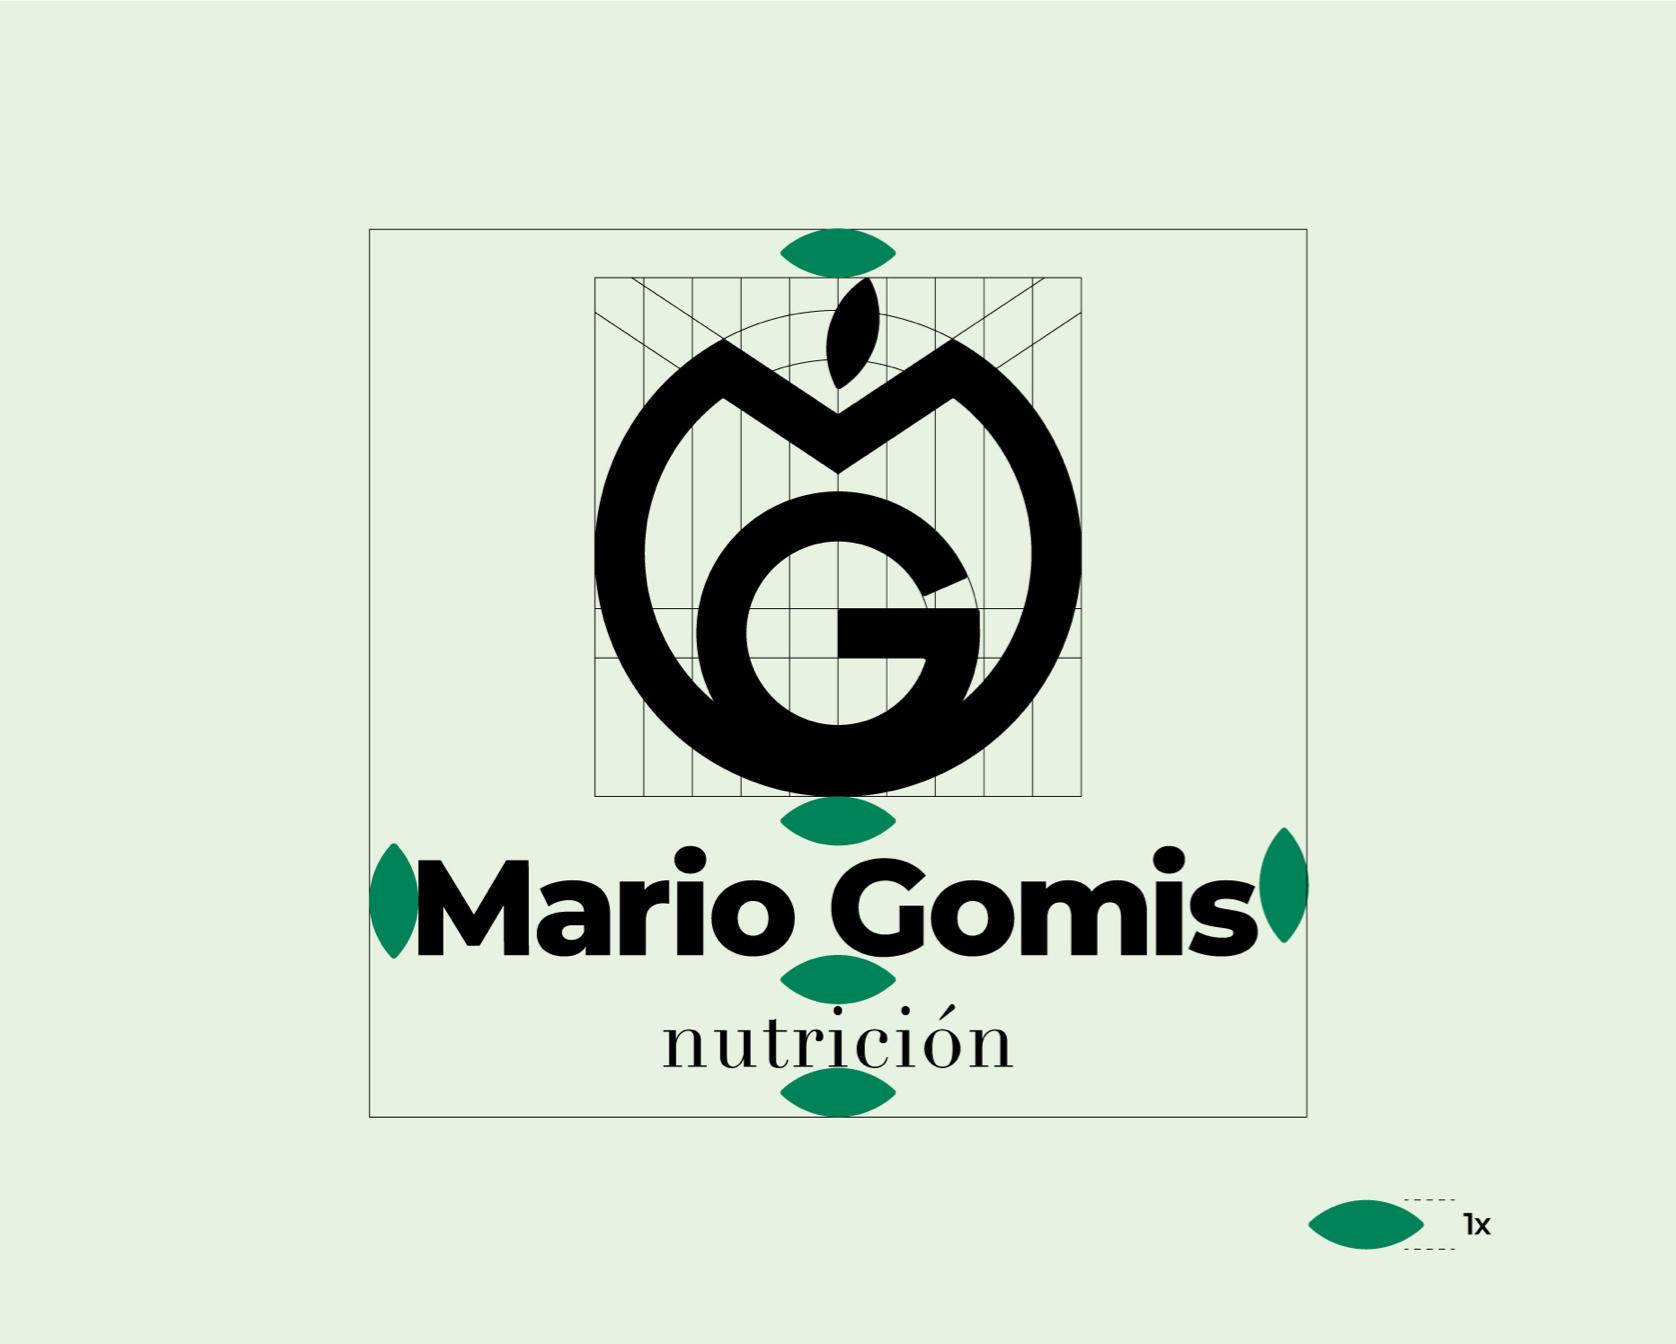 diseño-de-marca